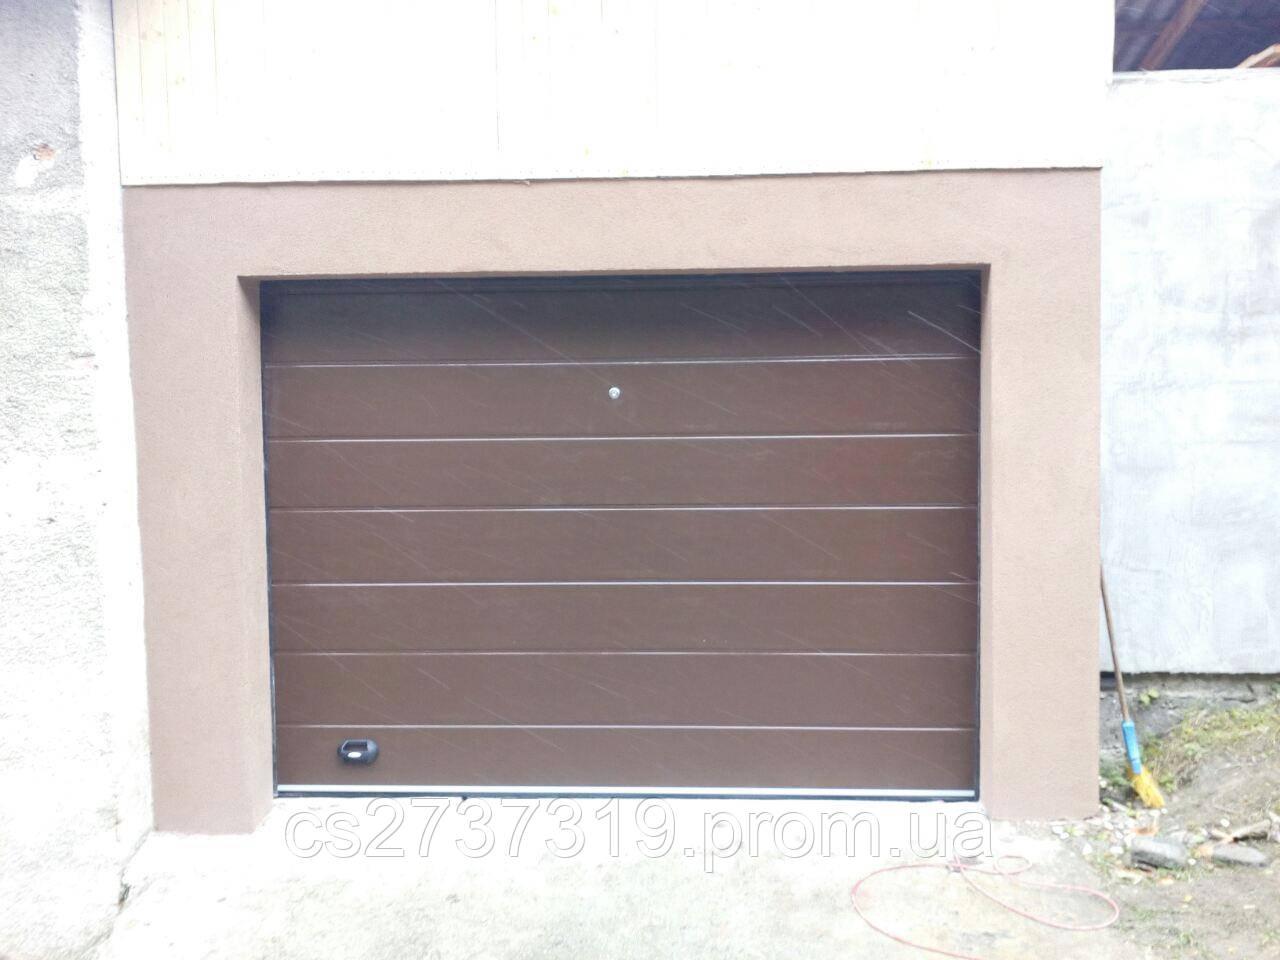 Гаражные секционные ворота  DoorHan 3000*2200, автоматические